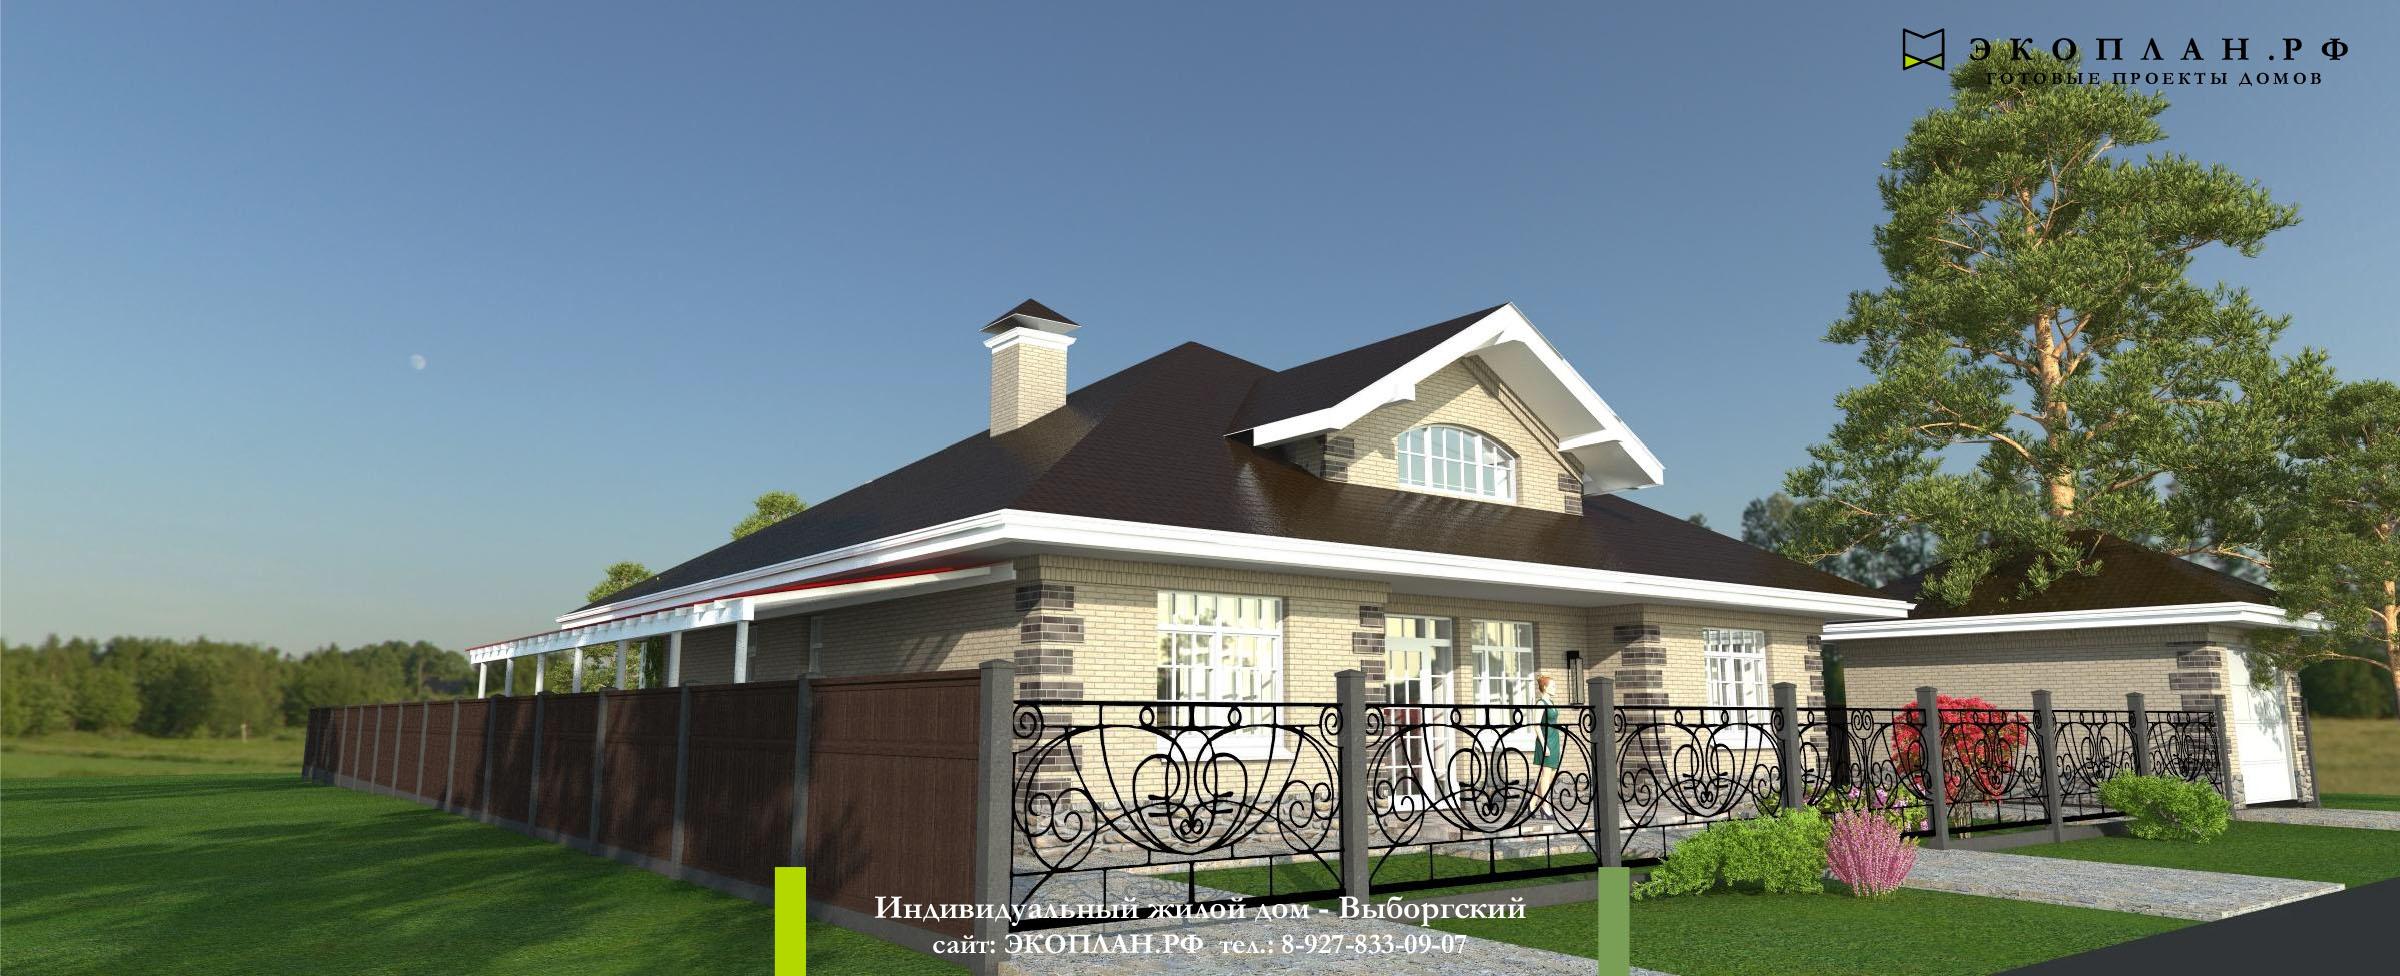 Готовый проект дома -Выборгский - Экоплан.рф фасад